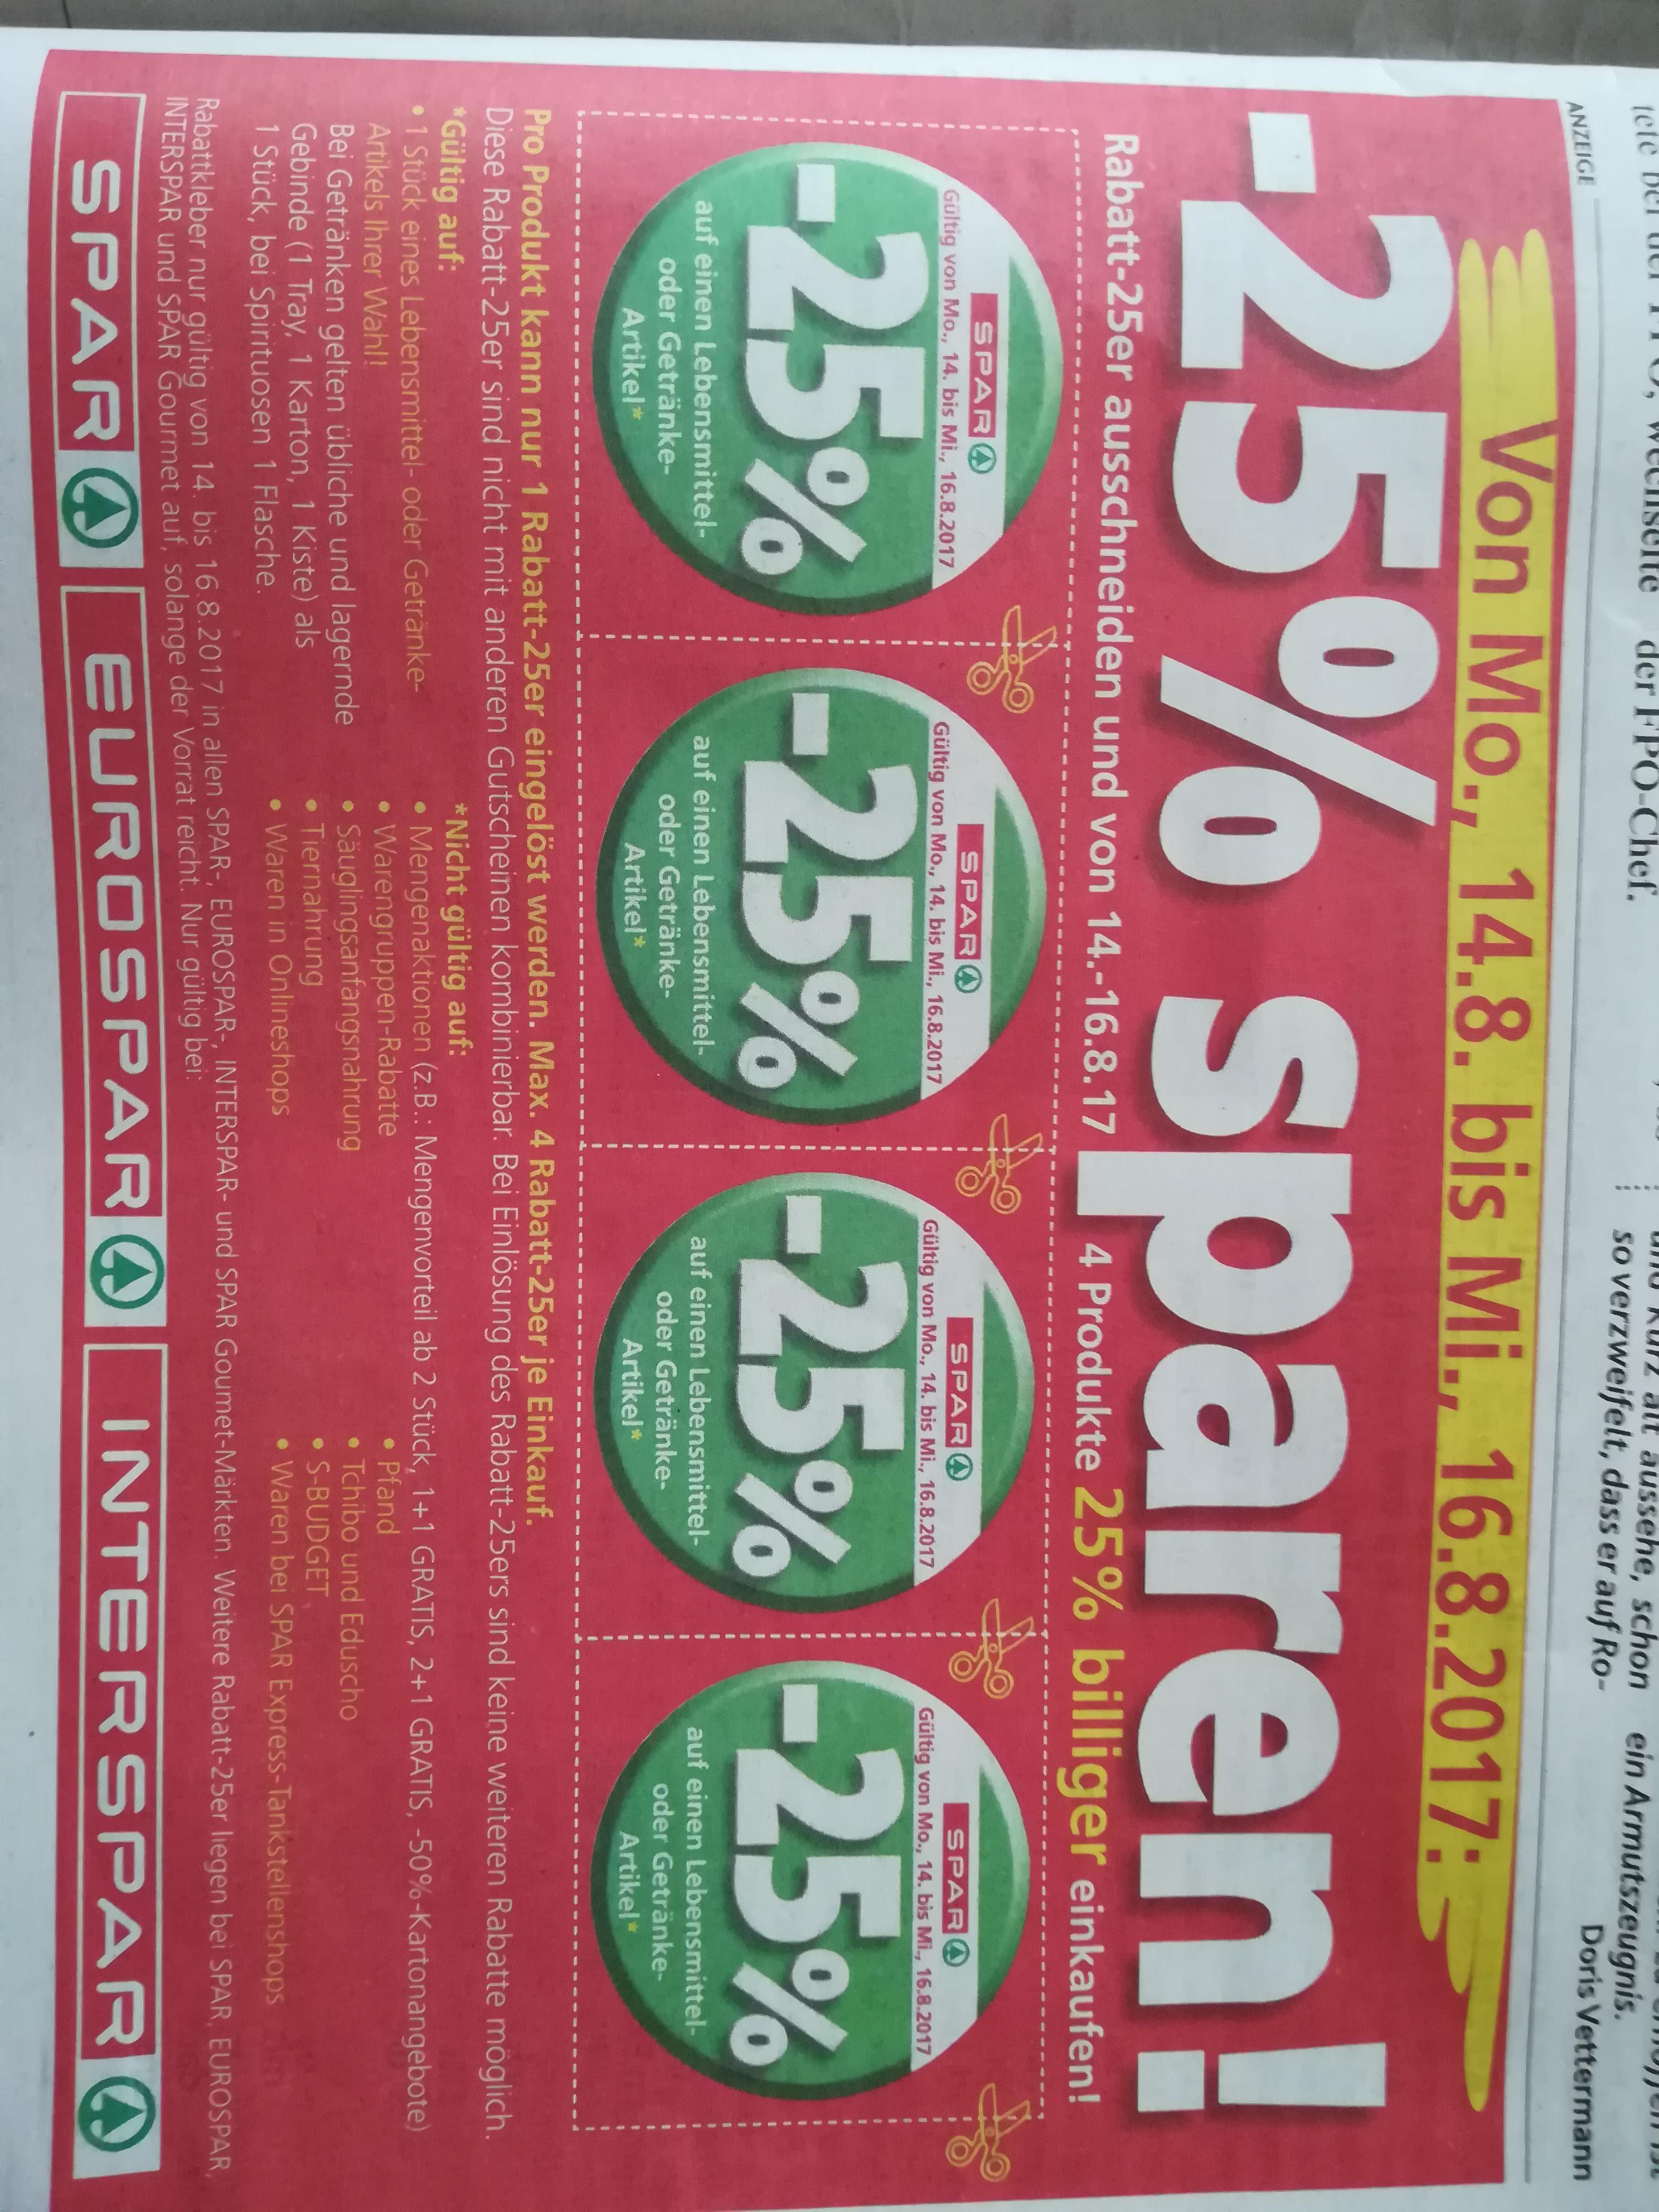 -25% bei Spar, Euro- oder Interspar